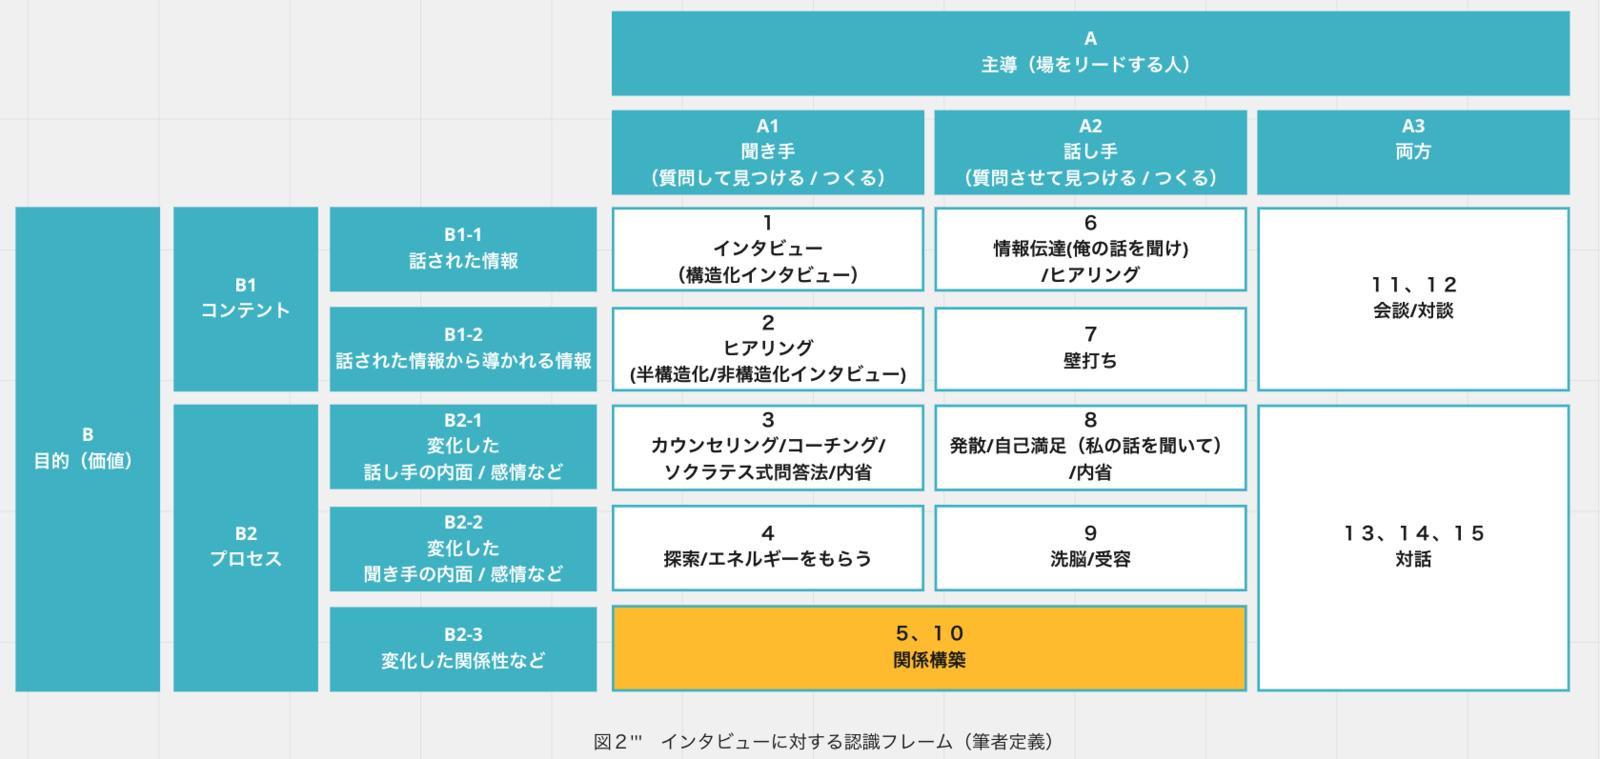 f:id:yoshitsugumi:20201226035109p:plain